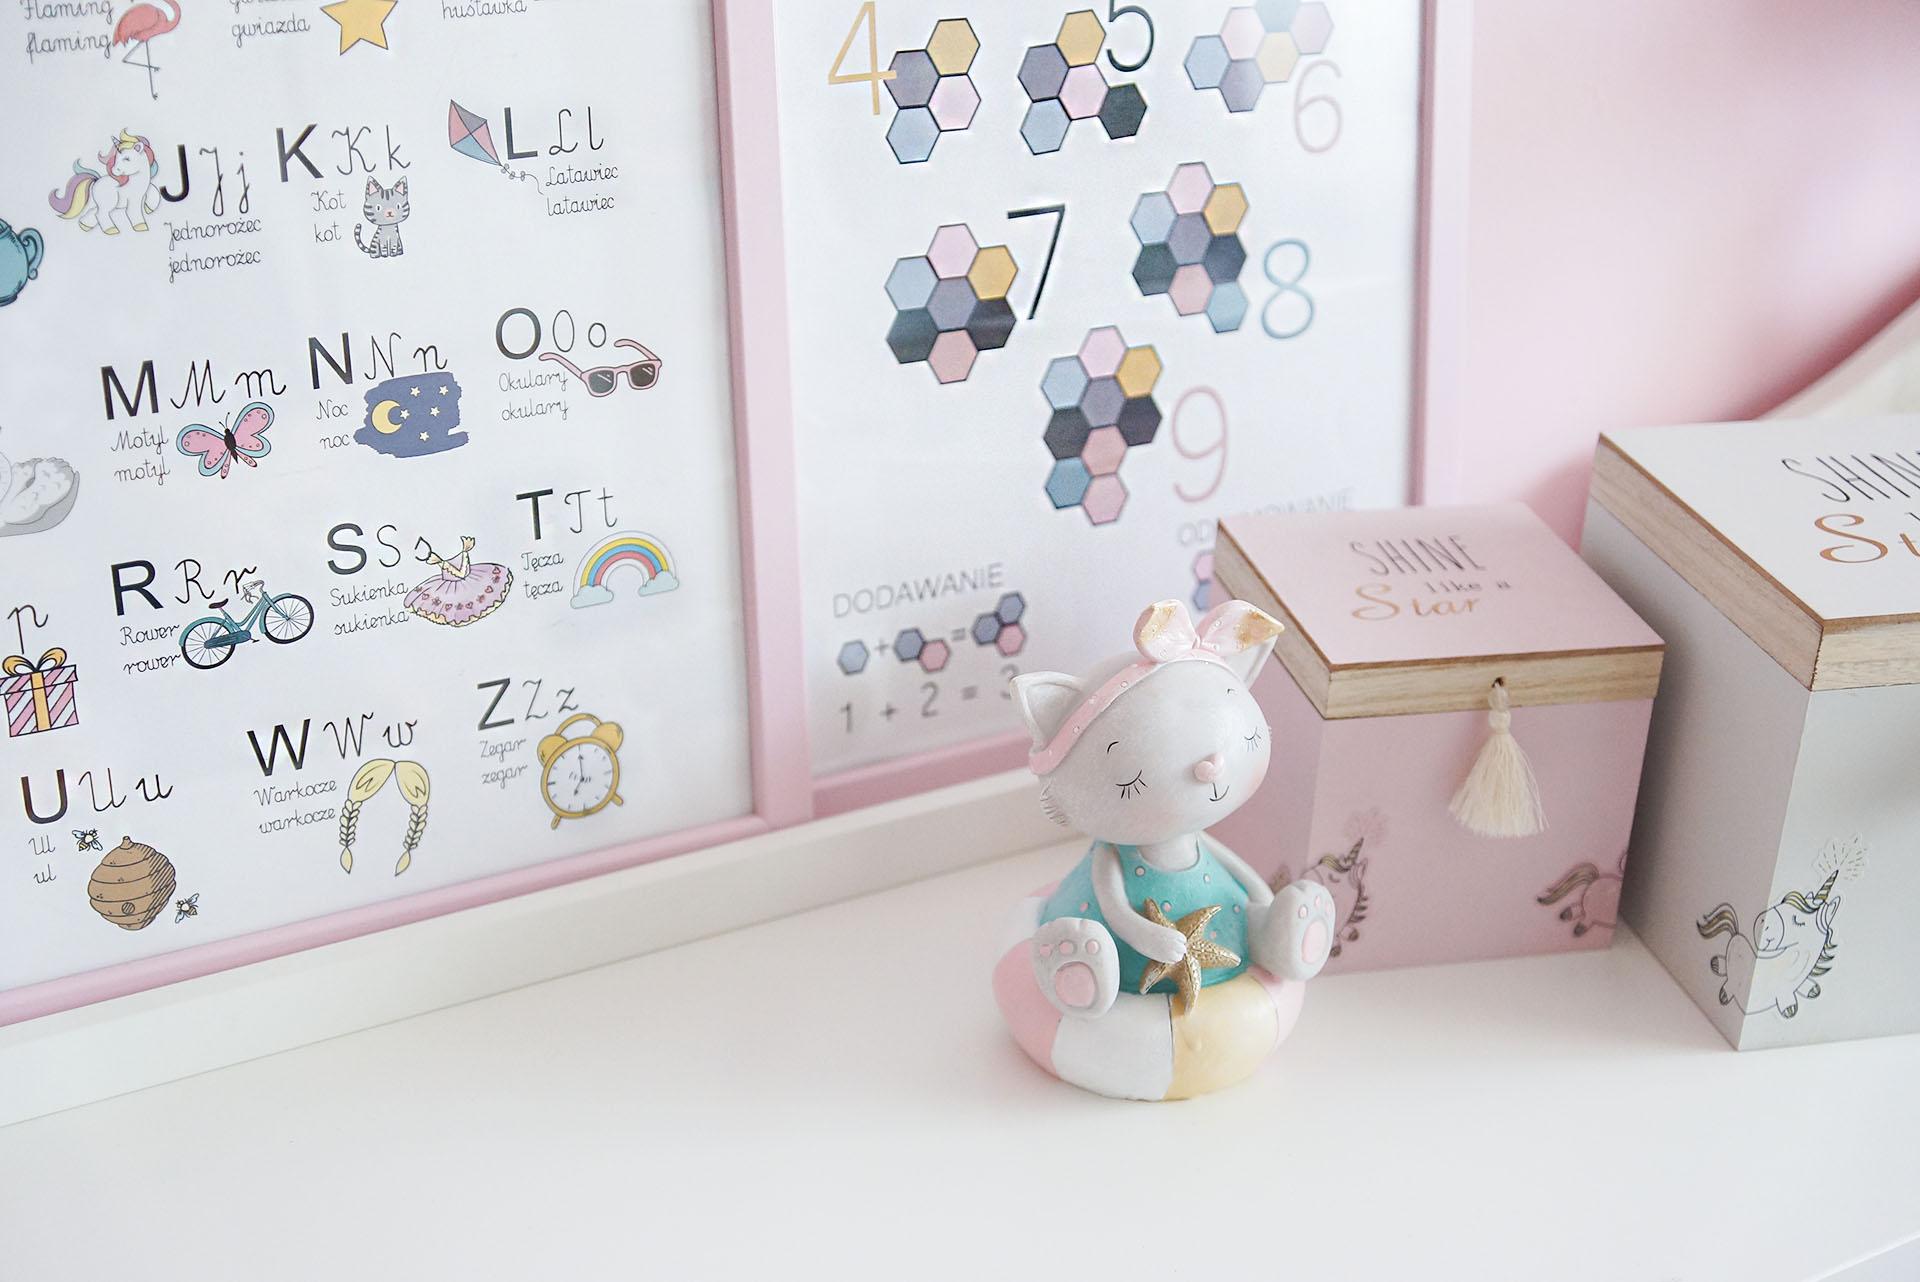 plakat alfabet, polski alfabet, plakat edukacyjny, plakat dla dziecka, plakaty dla dzieci